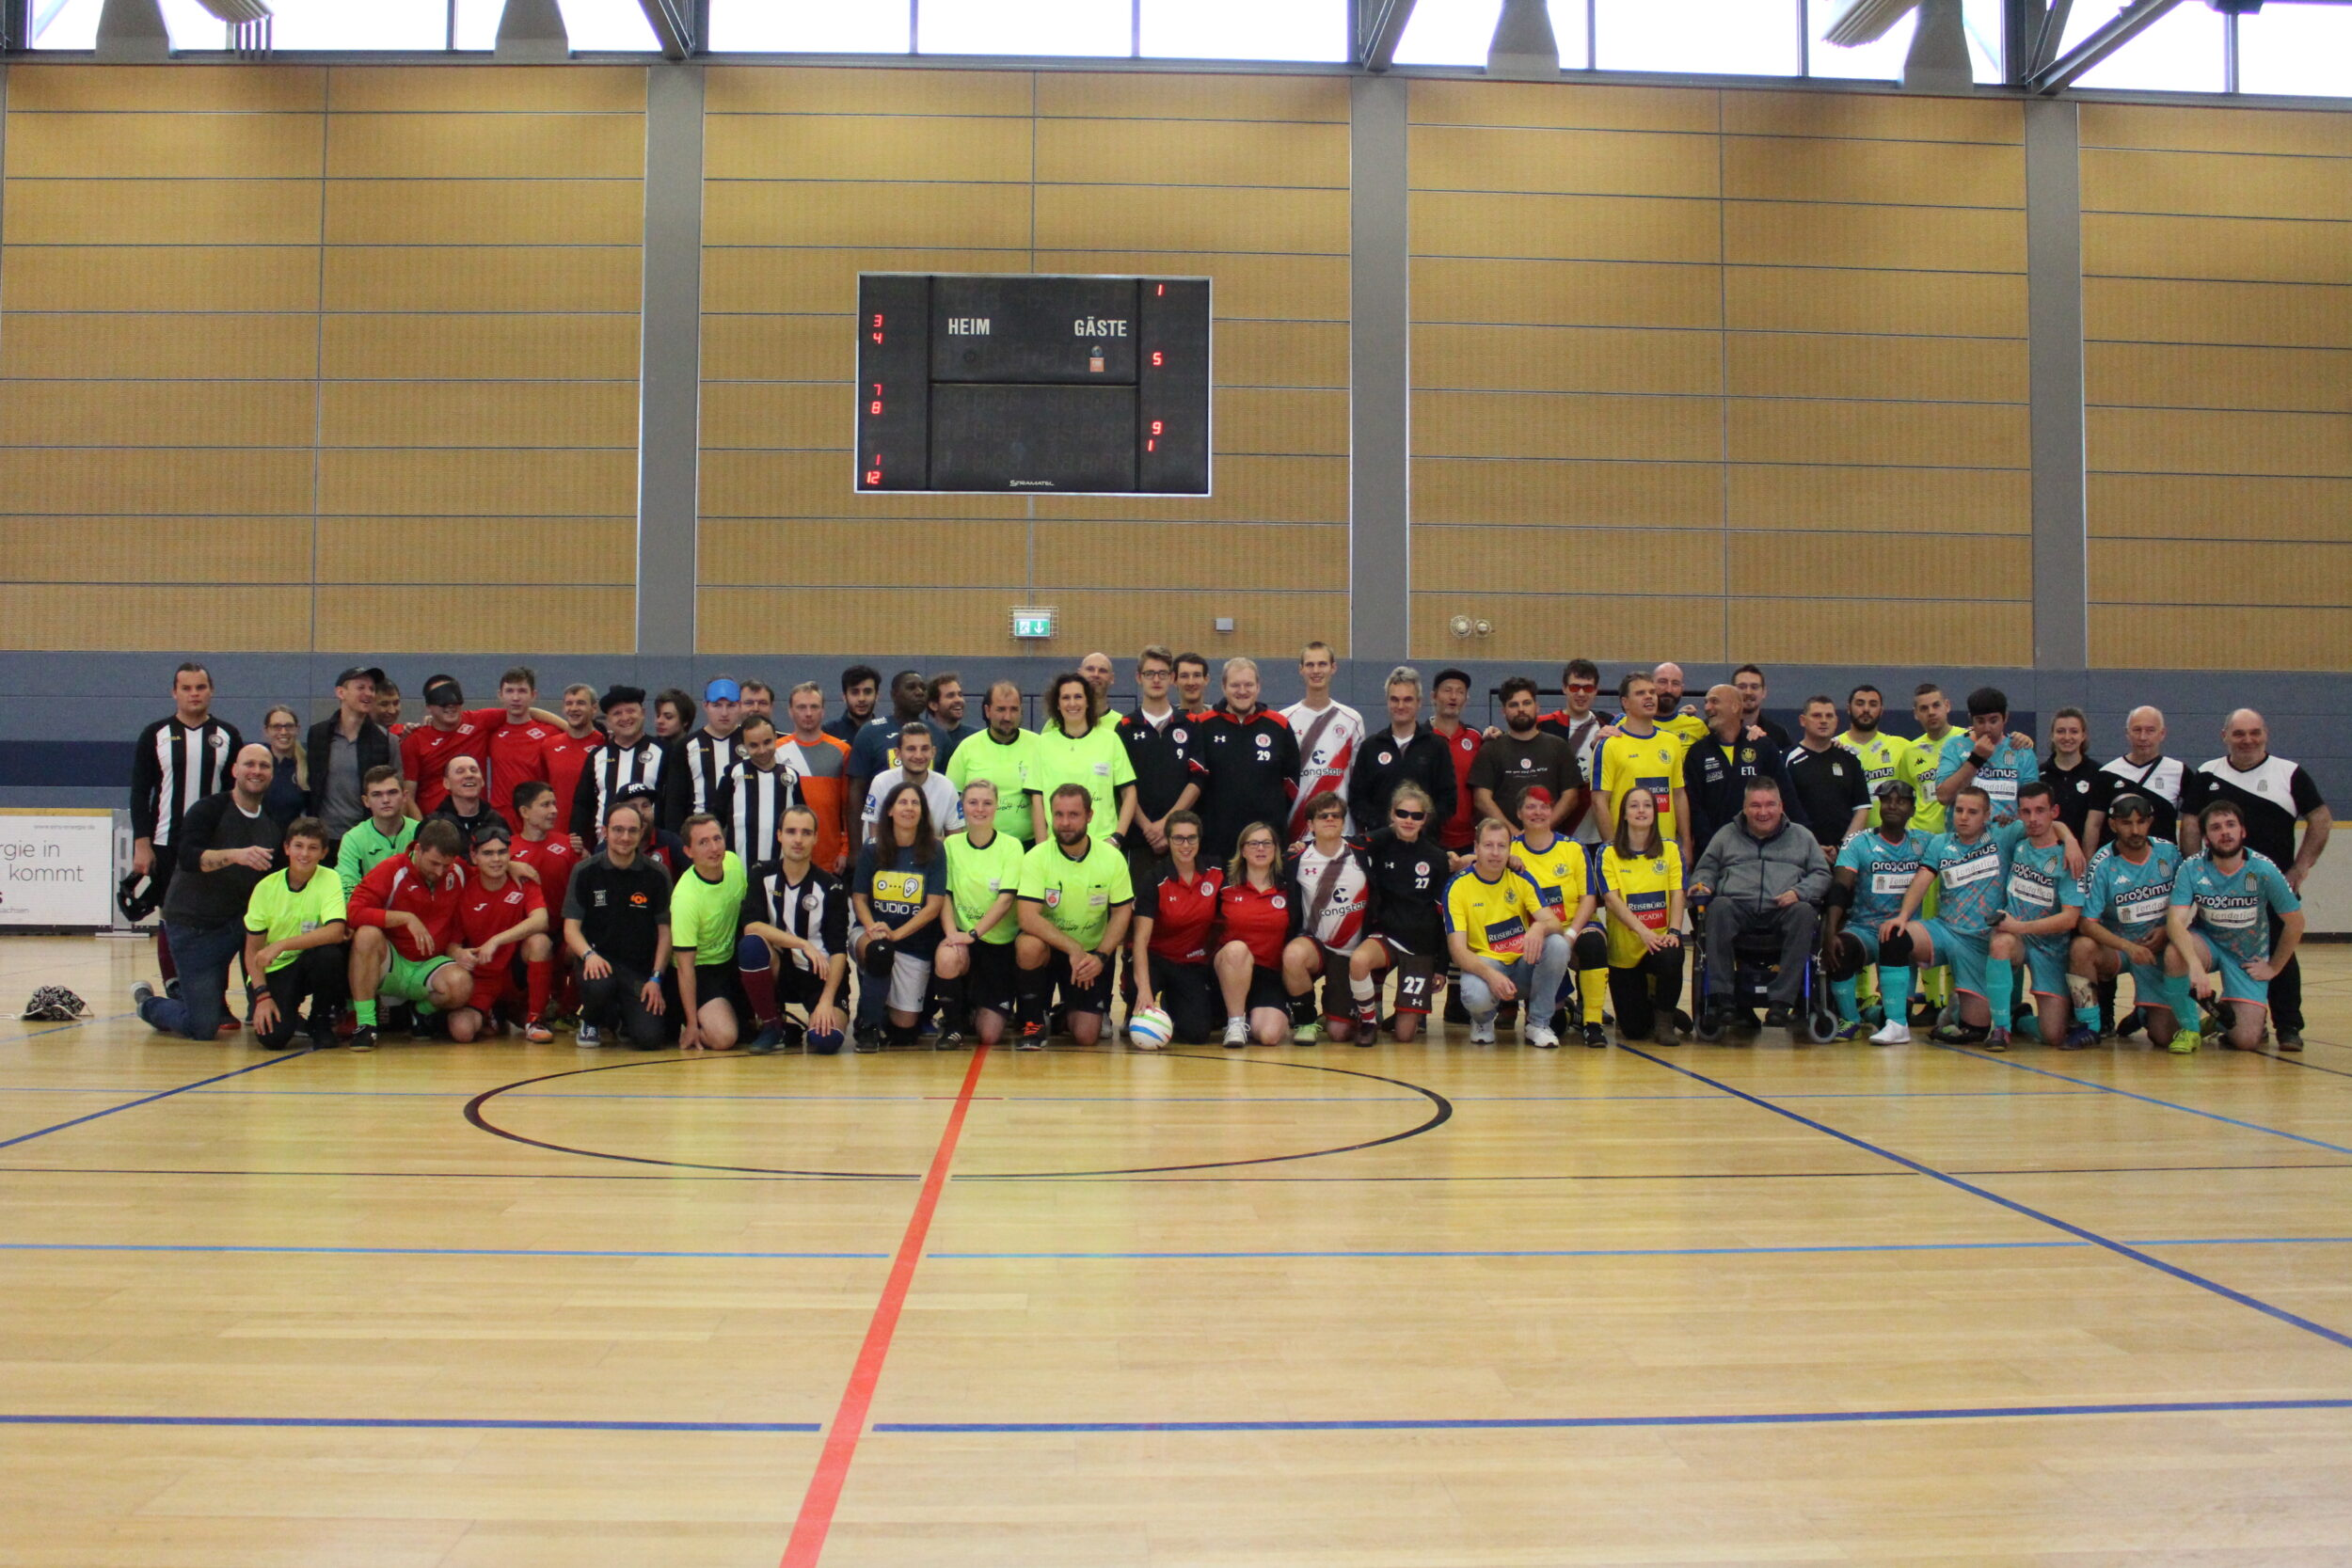 Knapp 70 Personen auf einem Gruppenfoto in einer Sporthalle. Einige haben Trikots in unterschiedlichen Farben an, Foto: HörMal Audiodeskription.